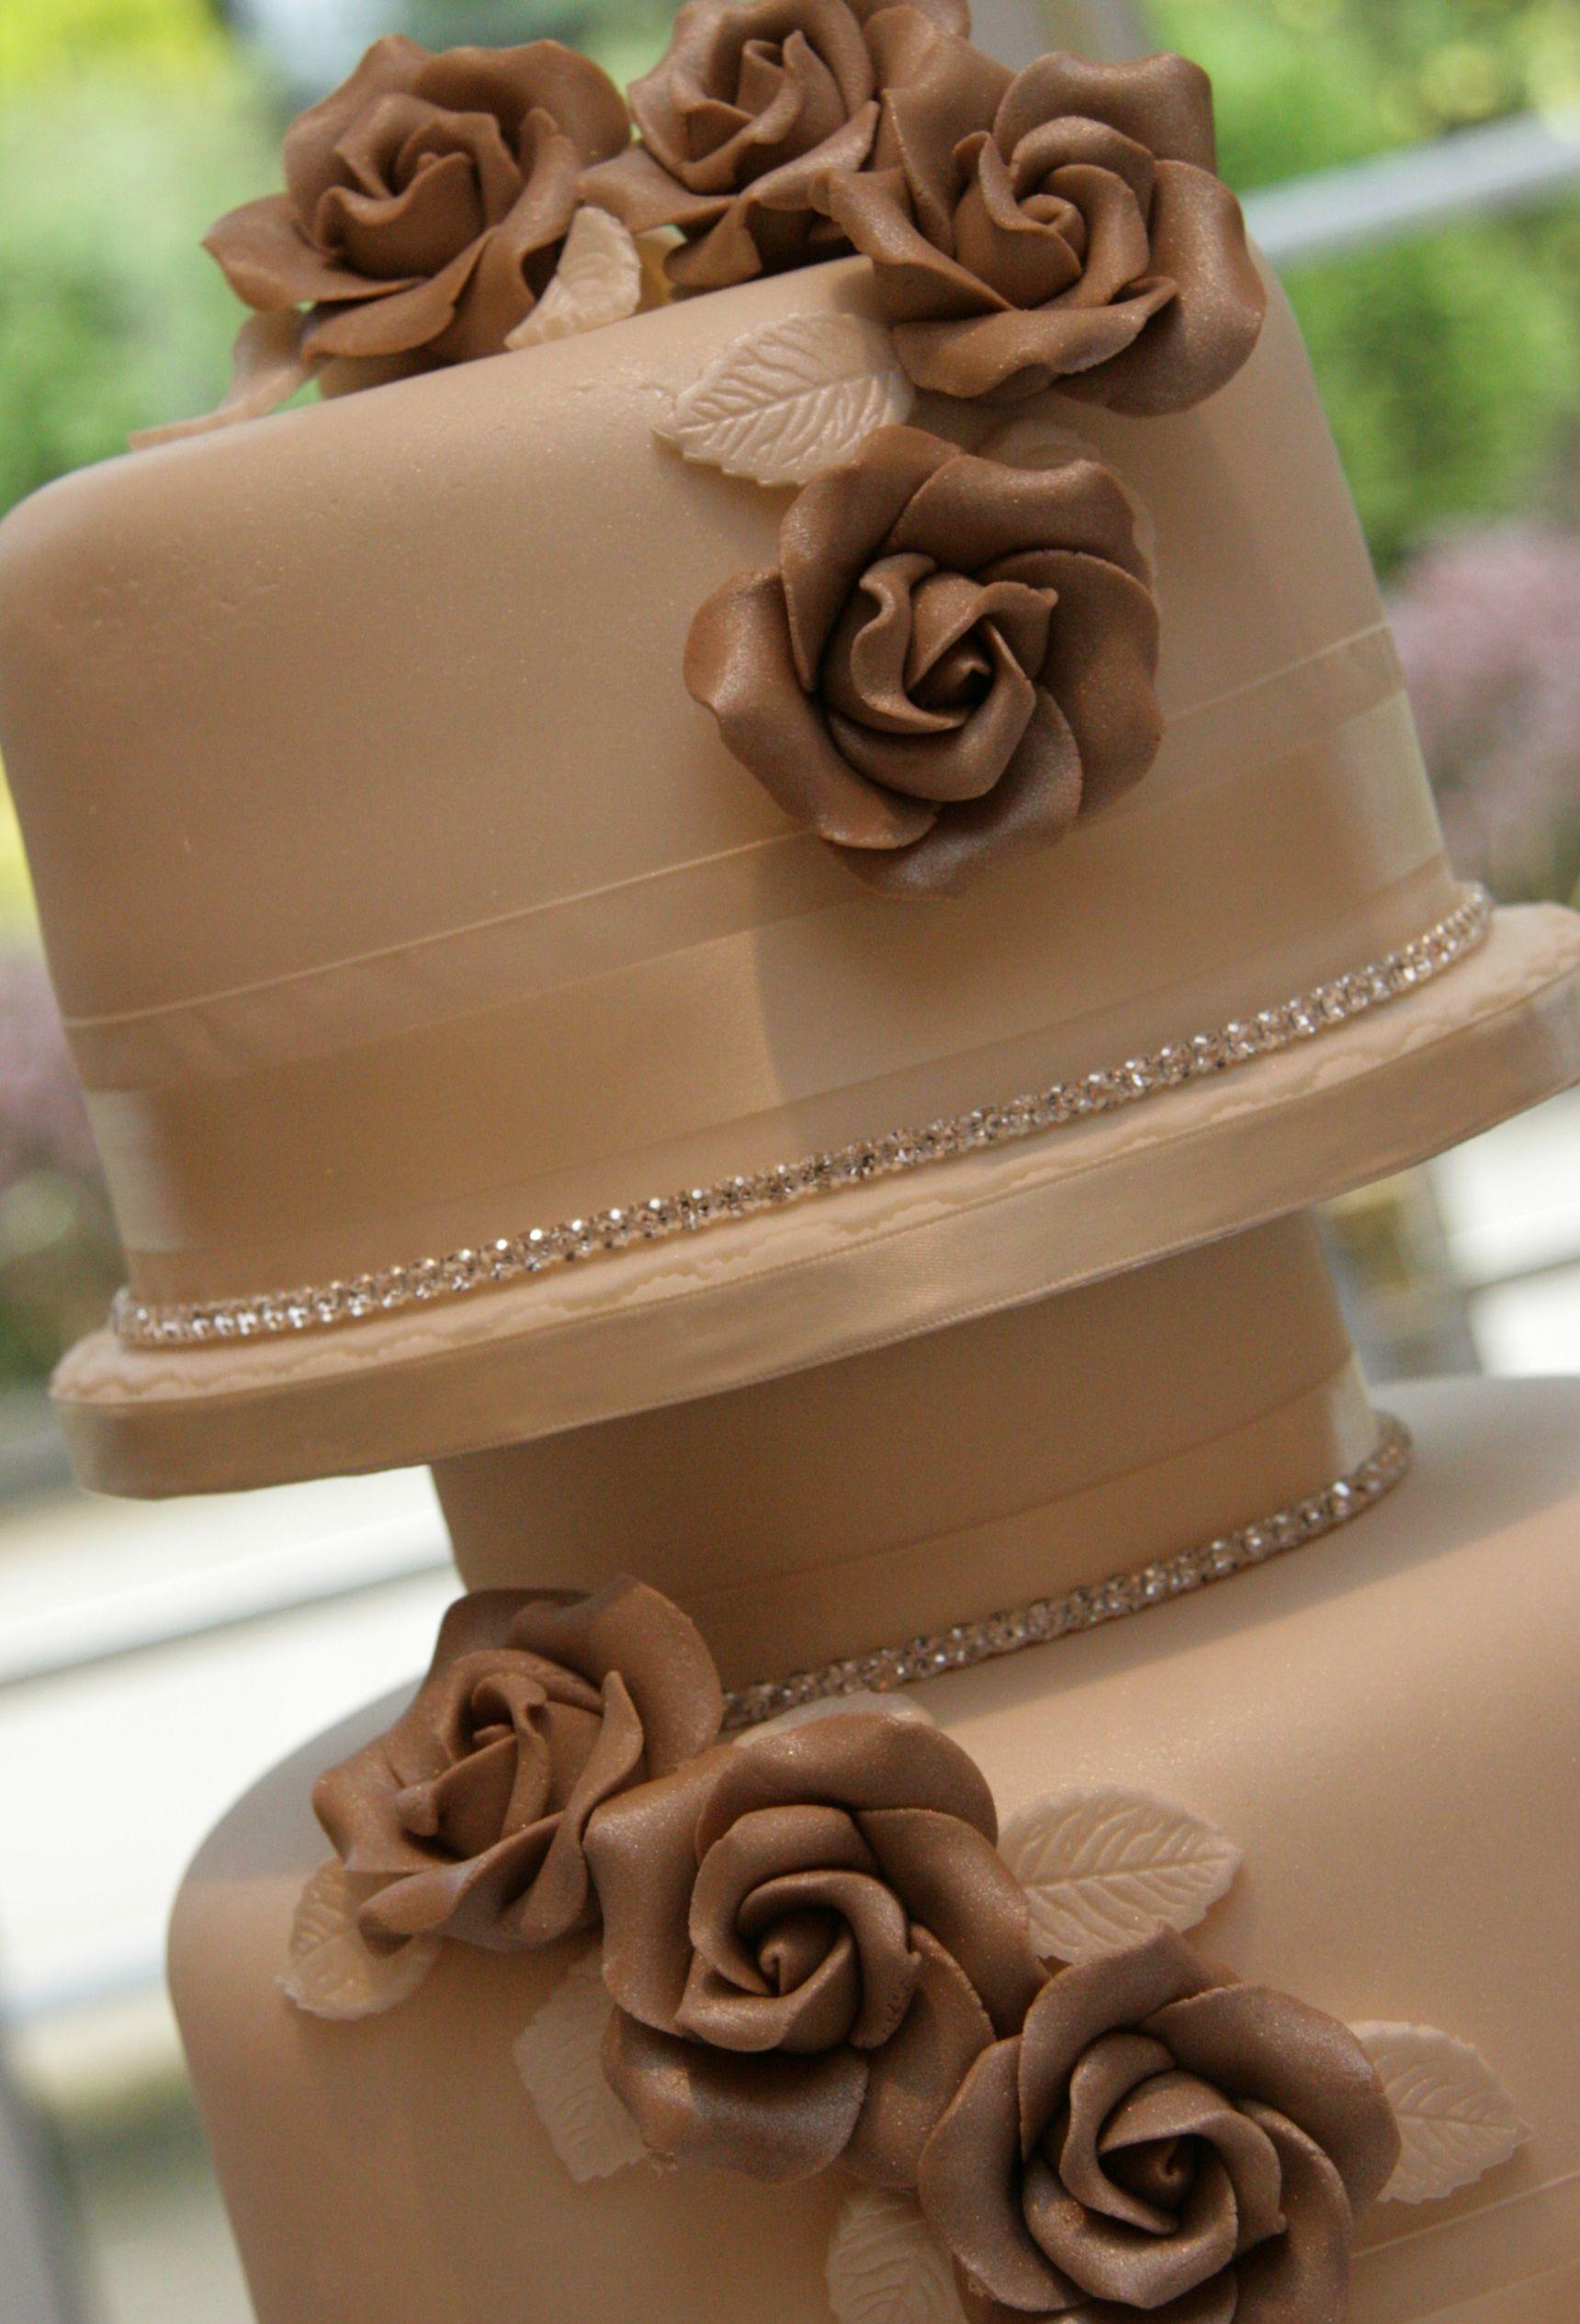 cake crop 1.jpg